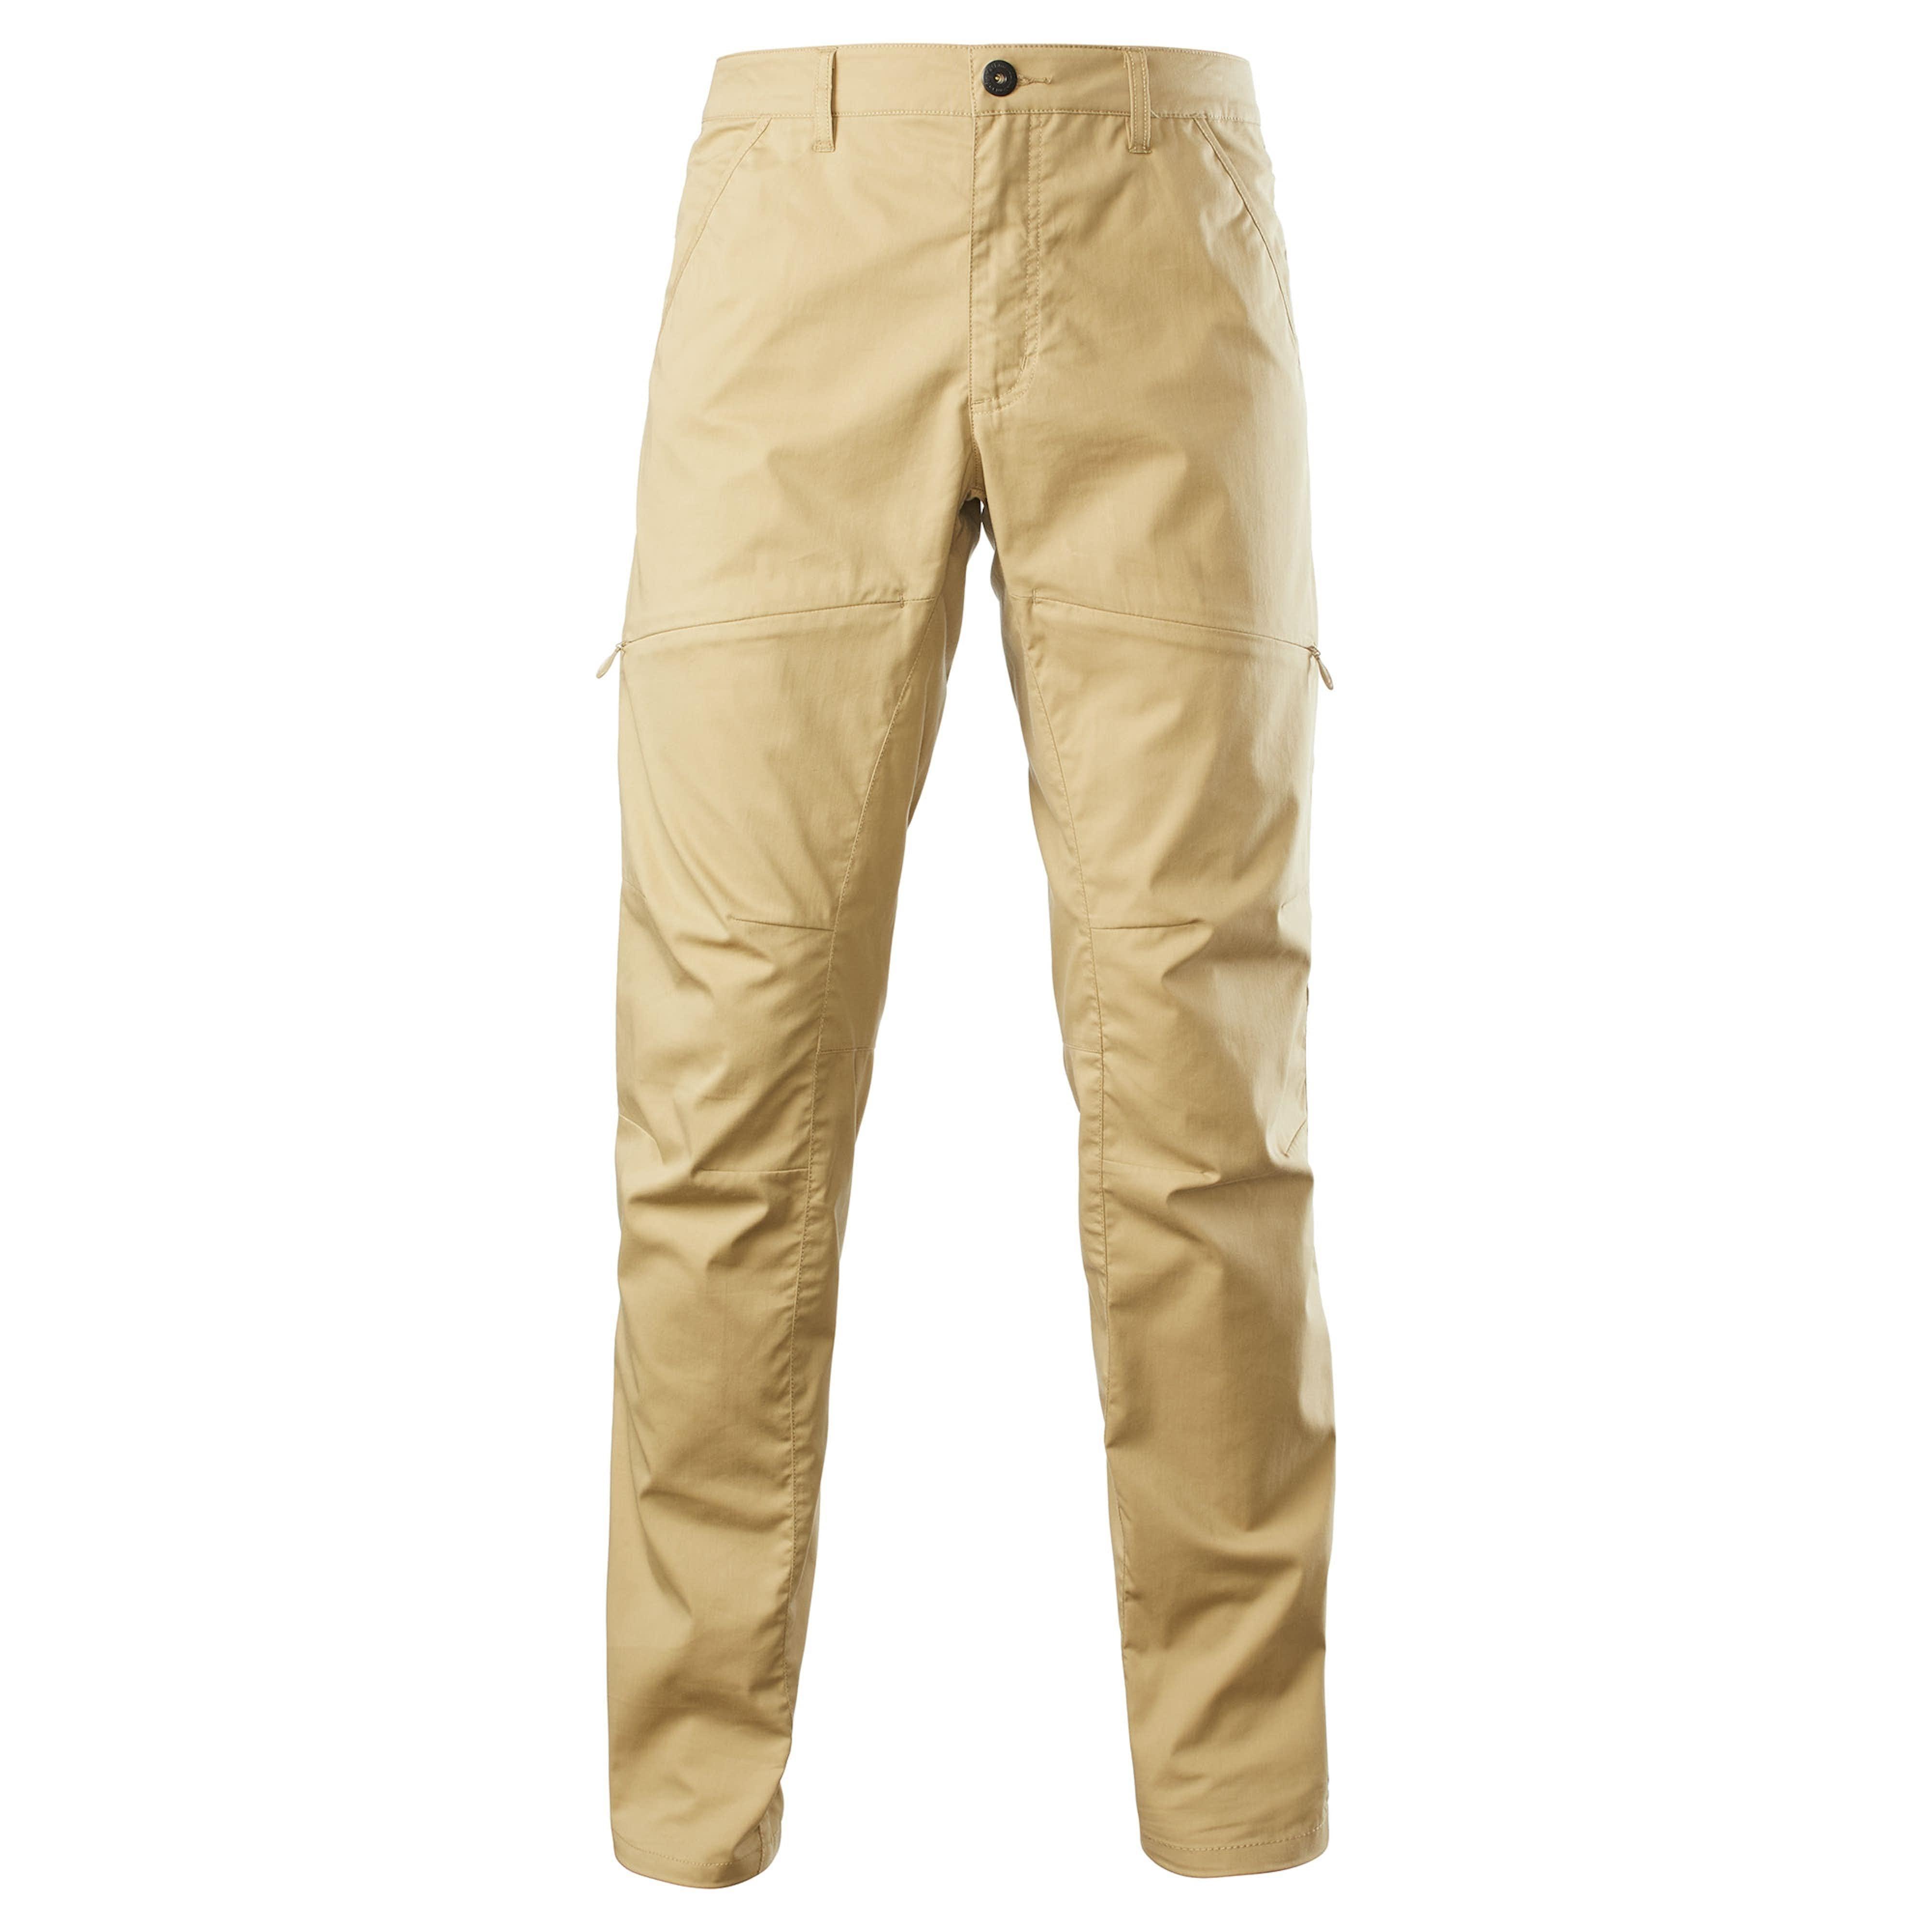 822d533a0b Men's Pants & Shorts | Travel, Hiking & Outdoor Pants | AU